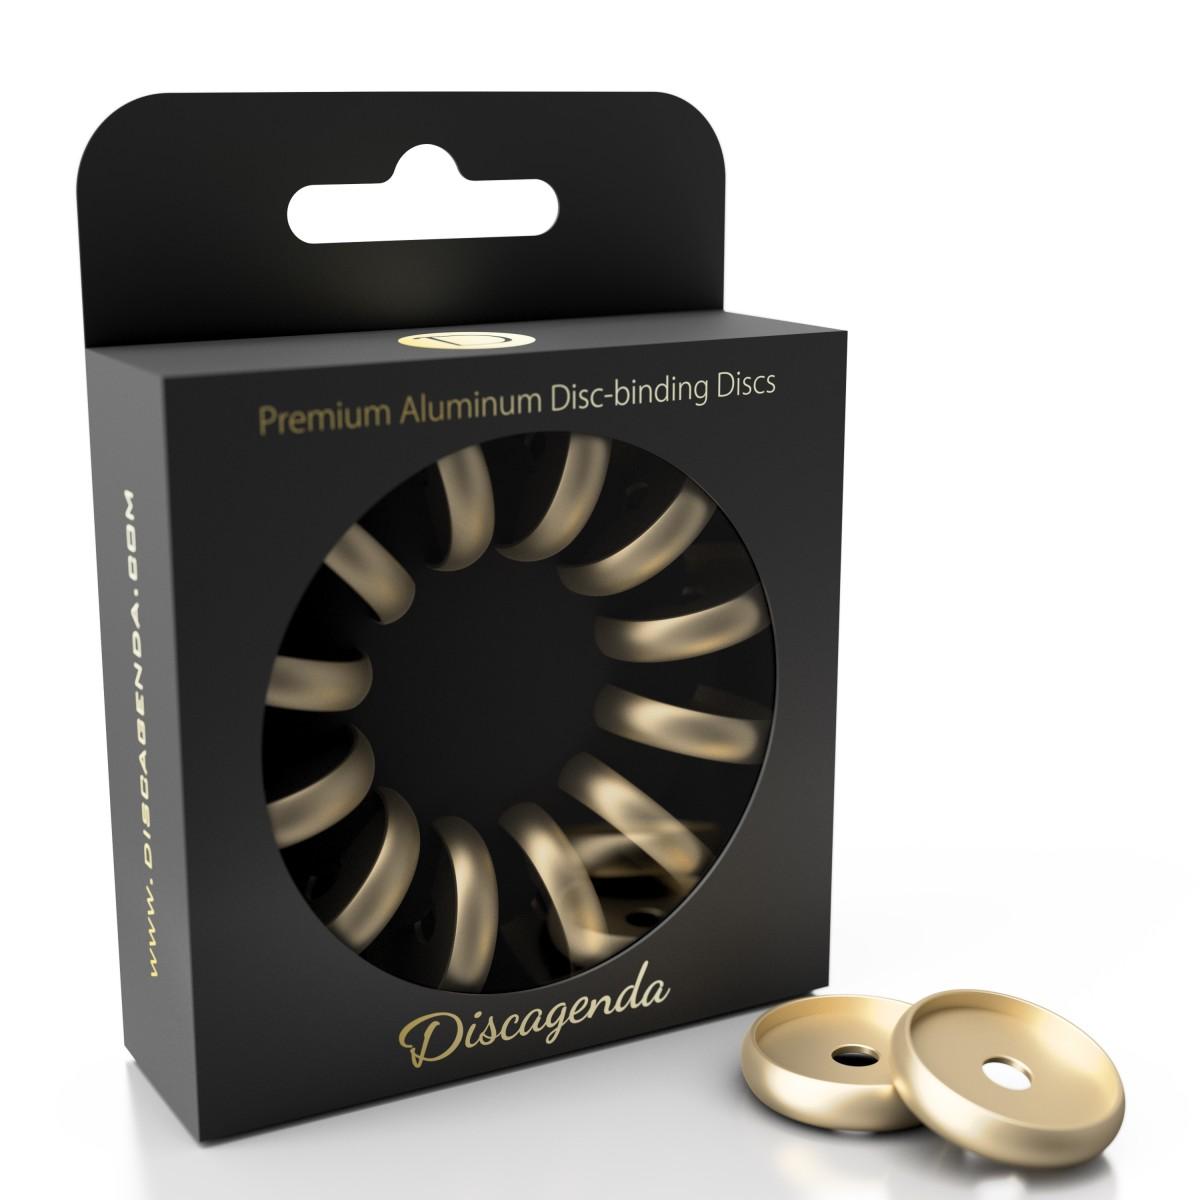 DISCAGENDA DISCBOUND DISCS 24MM 12 PIECE SET GOLD